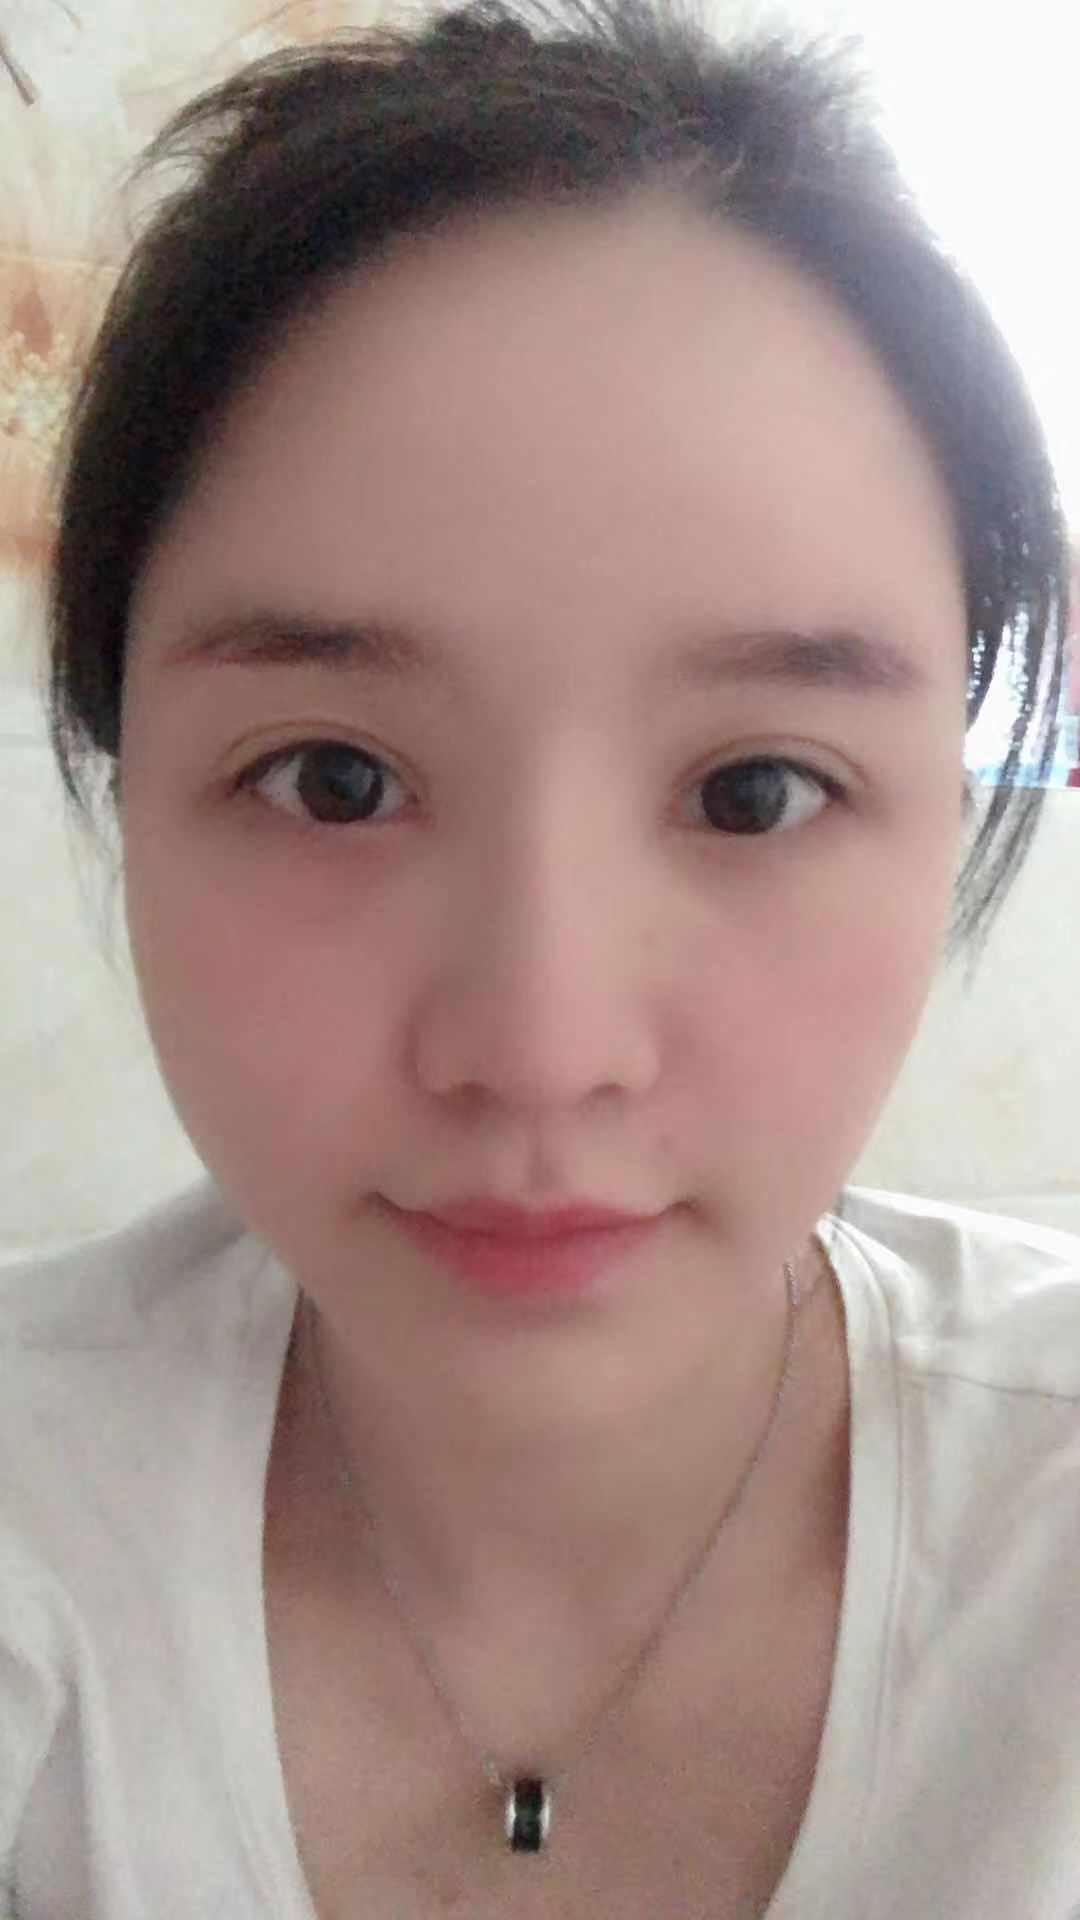 刘志刚重睑修复术+内眦修复术 项目分类:眼部整形 眼部修复